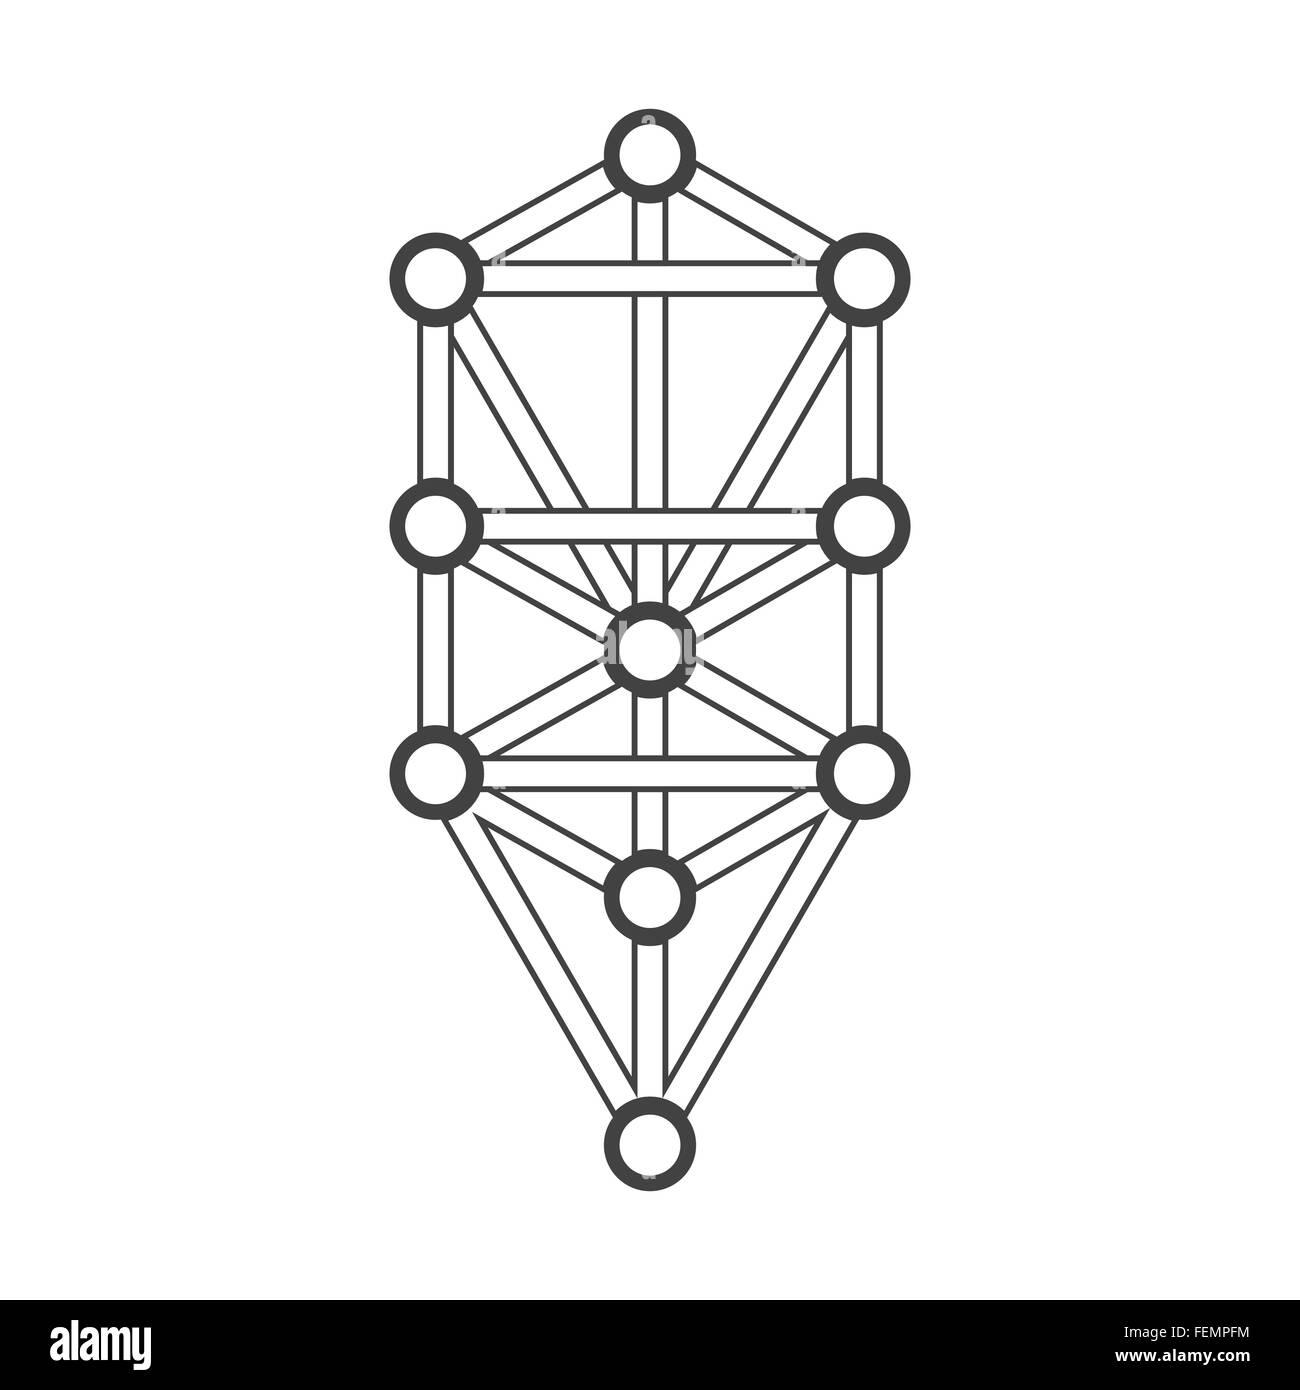 Contorno Negro Vectorial Ilustración Del árbol De La Vida Cábala